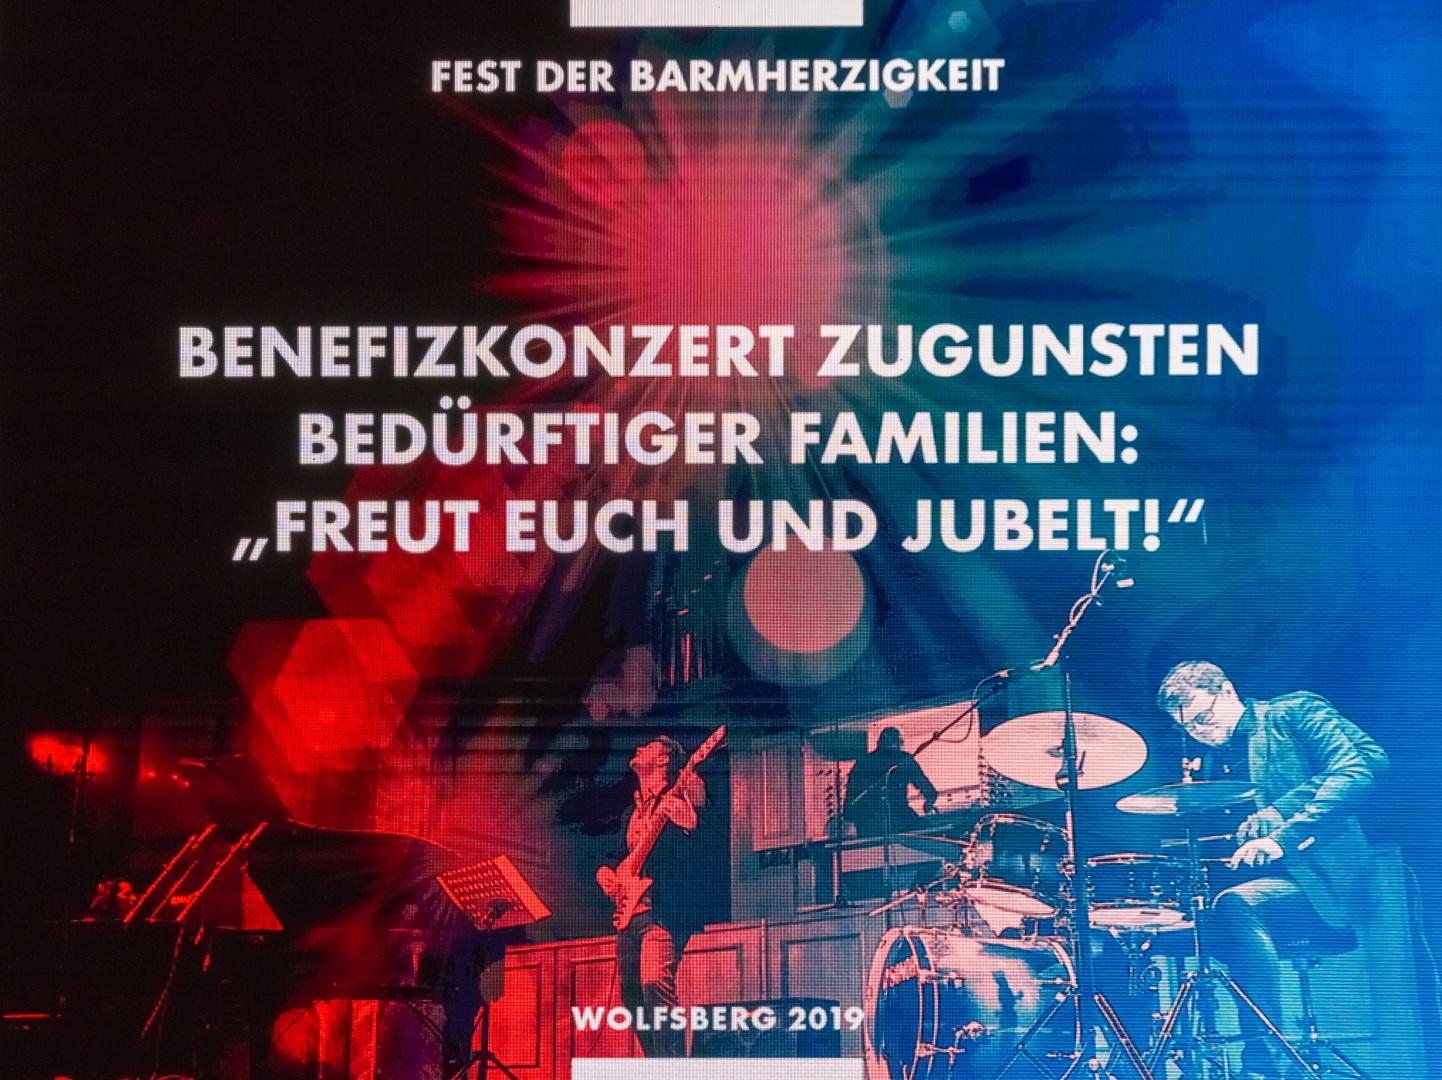 Titelbild zum Benefizkonzert (© Herr Mag. Bernhard Wagner).